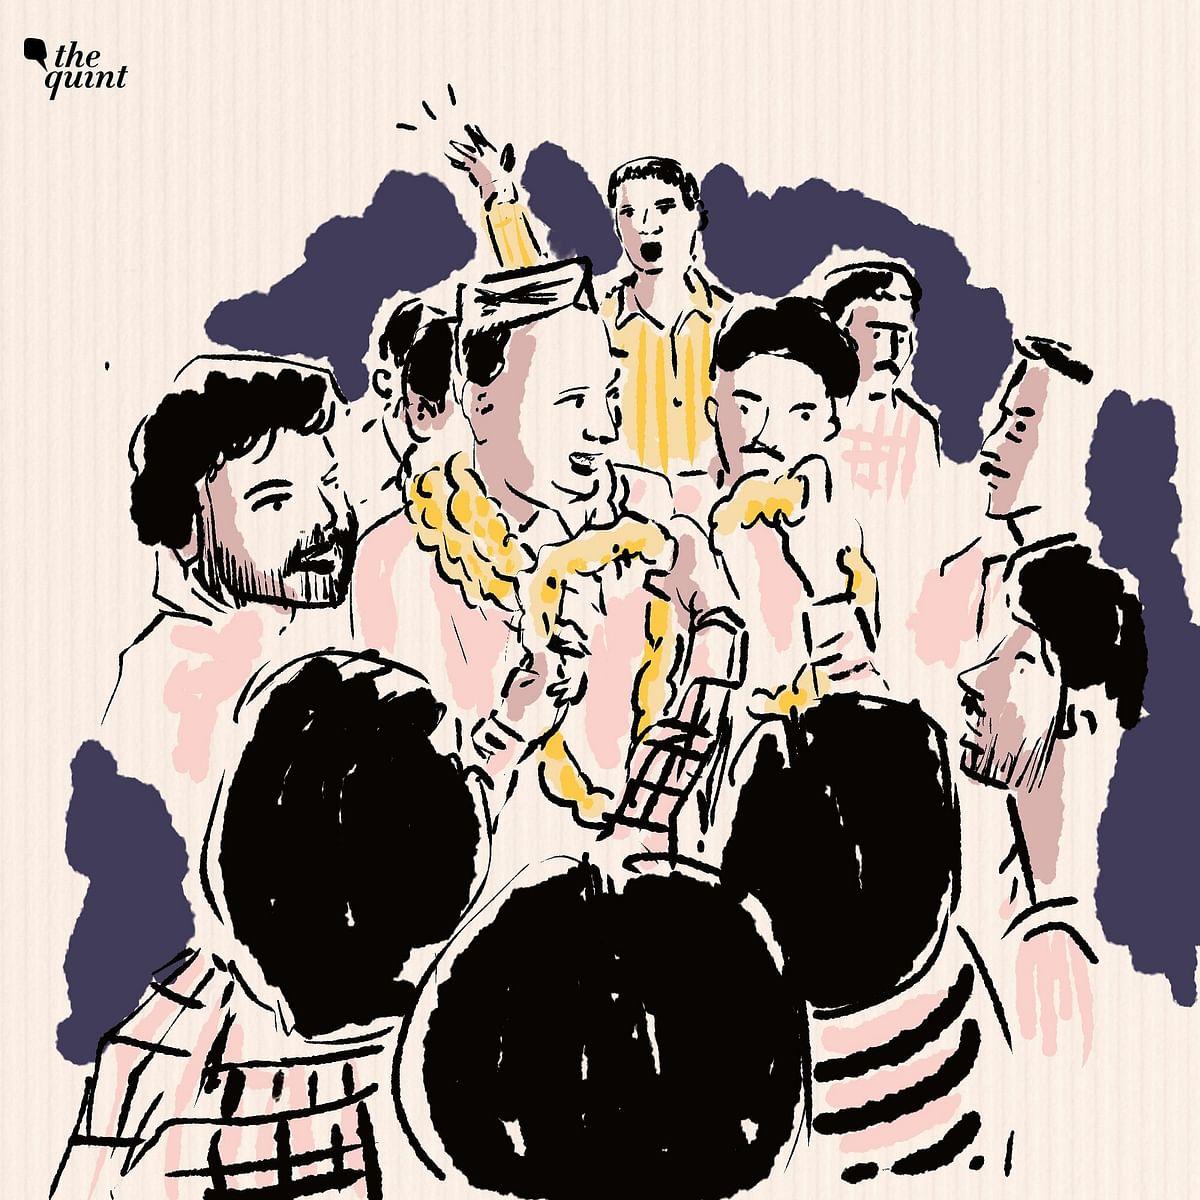 मोदी की आलोचना वाले पोस्टर लगाने पर गिरफ्तार हुए लोग किस हाल में हैं?-2 कहानियां